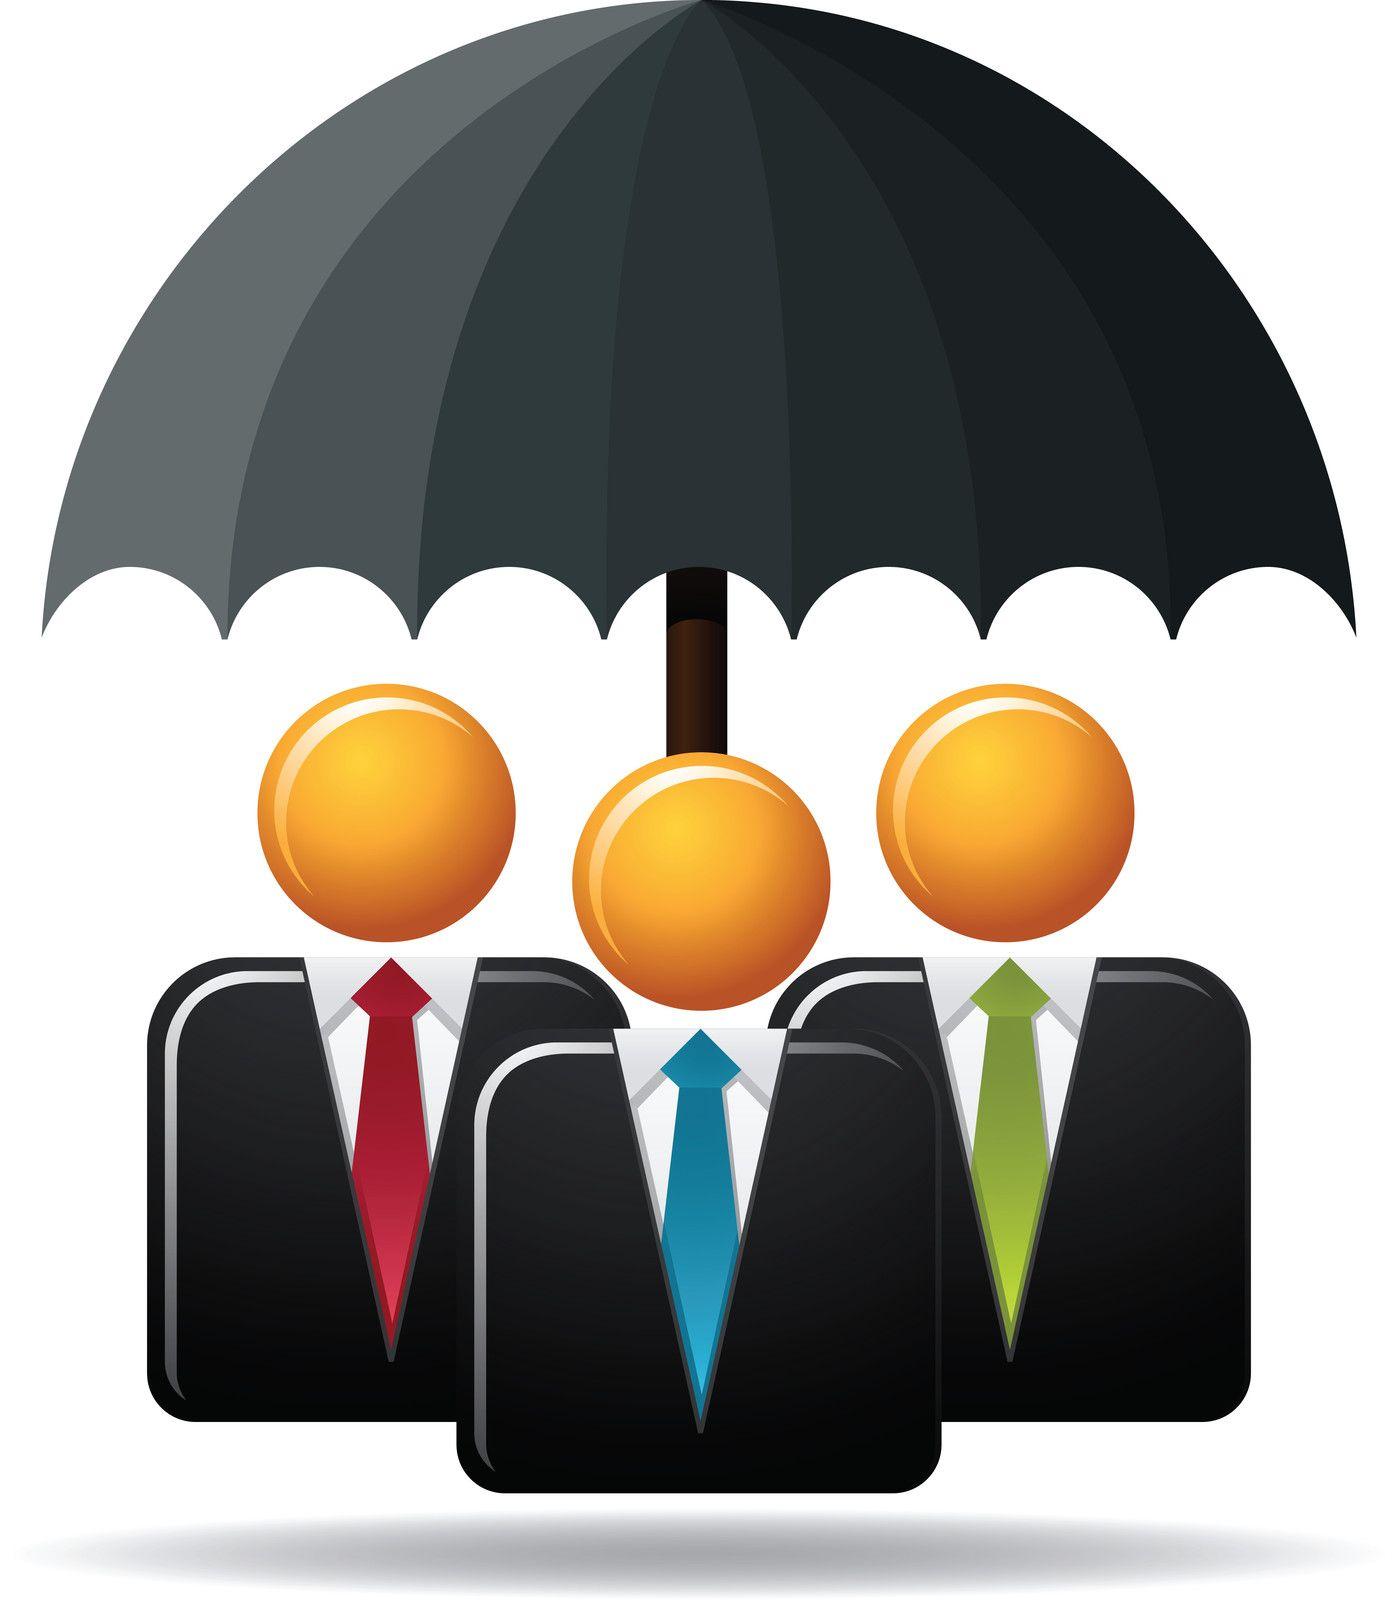 Buy term insurance plan online with Bajaj Allianz iSecure ...